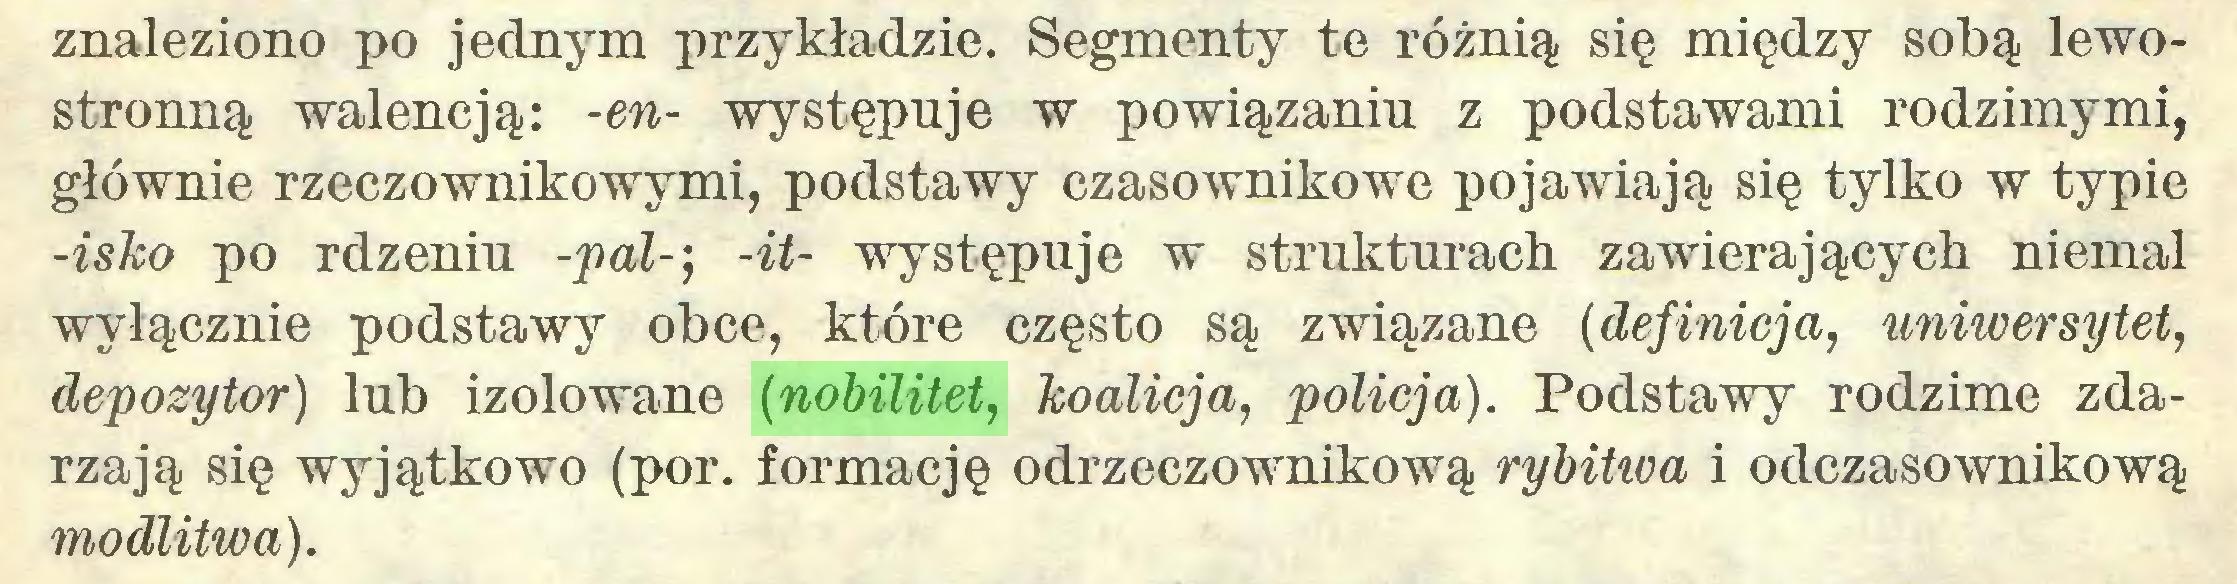 (...) znaleziono po jednym przykładzie. Segmenty te różnią się między sobą lewostronną Walencją: -en- występuje w powiązaniu z podstawami rodzimymi, głównie rzeczownikowymi, podstawy czasownikowe pojawiają się tylko w typie -isko po rdzeniu -pal-', -it- występuje w strukturach zawierających niemal wyłącznie podstawy obce, które często są związane (definicja, uniwersytet, depozytor) lub izolowane (nobilitet, koalicja, policja). Podstawy rodzime zdarzają się wyjątkowo (por. formację odrzeczownikową rybitwa i odczasownikową modlitwa)...